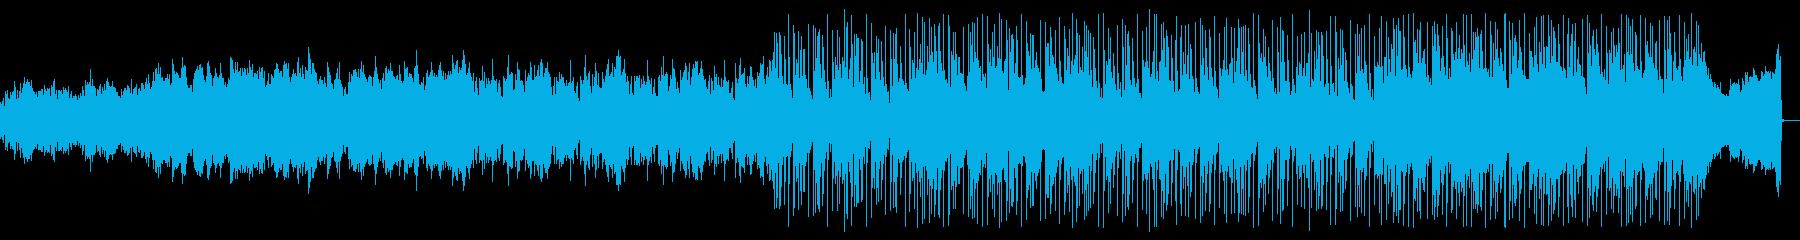 冬の冷たい海風の厳しさをイメージした曲の再生済みの波形